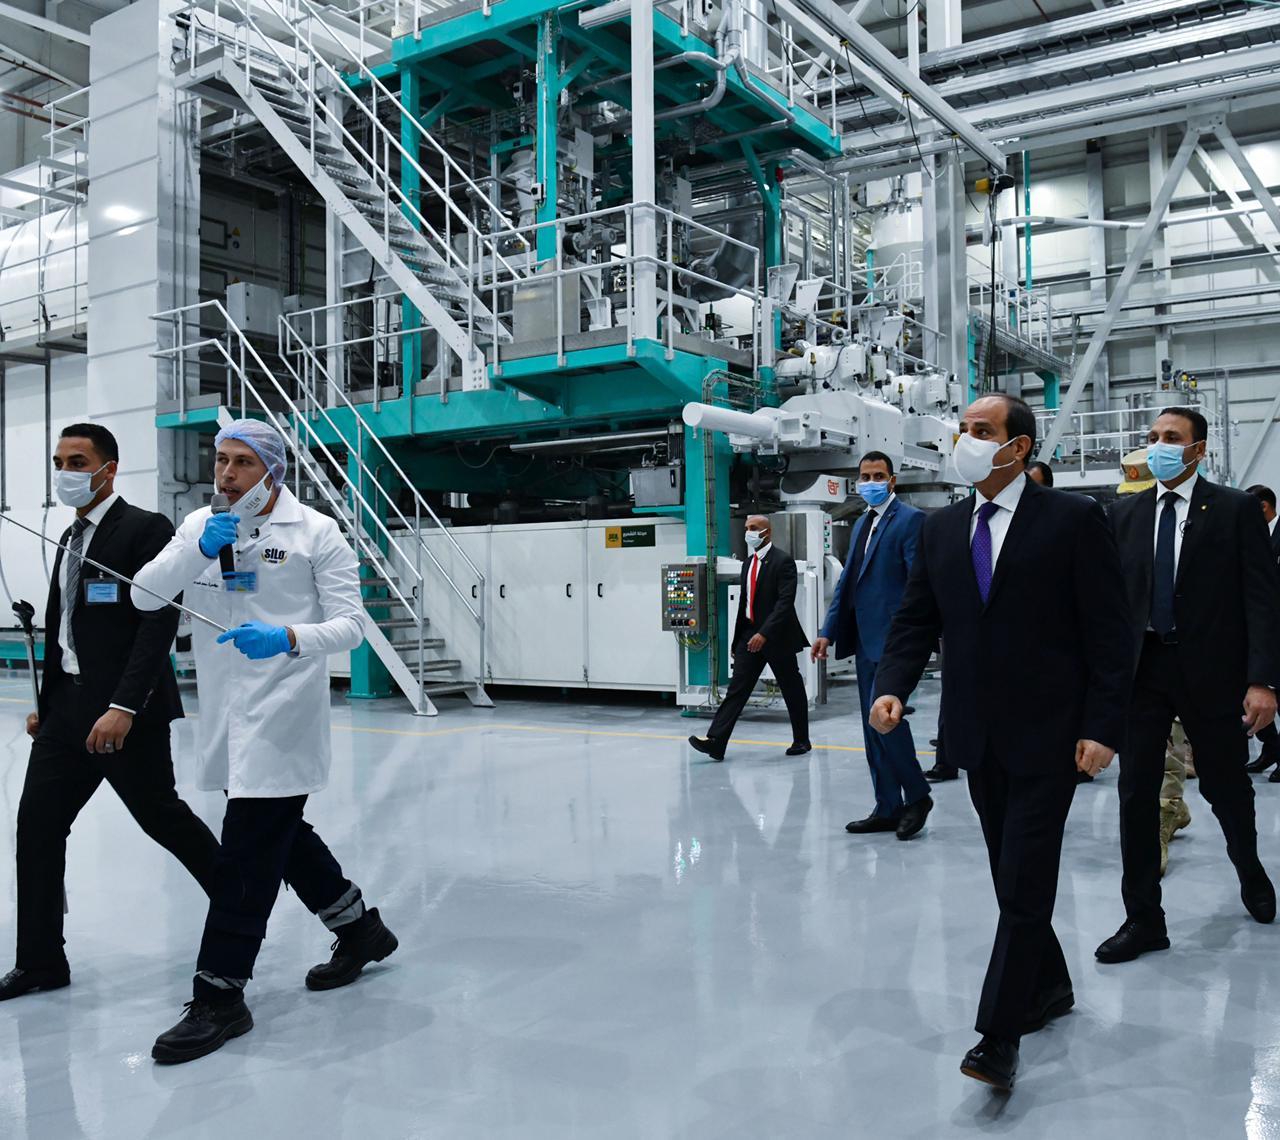 افتتاح الرئيس المدينة الصناعية الغذائية سايلو فودز16